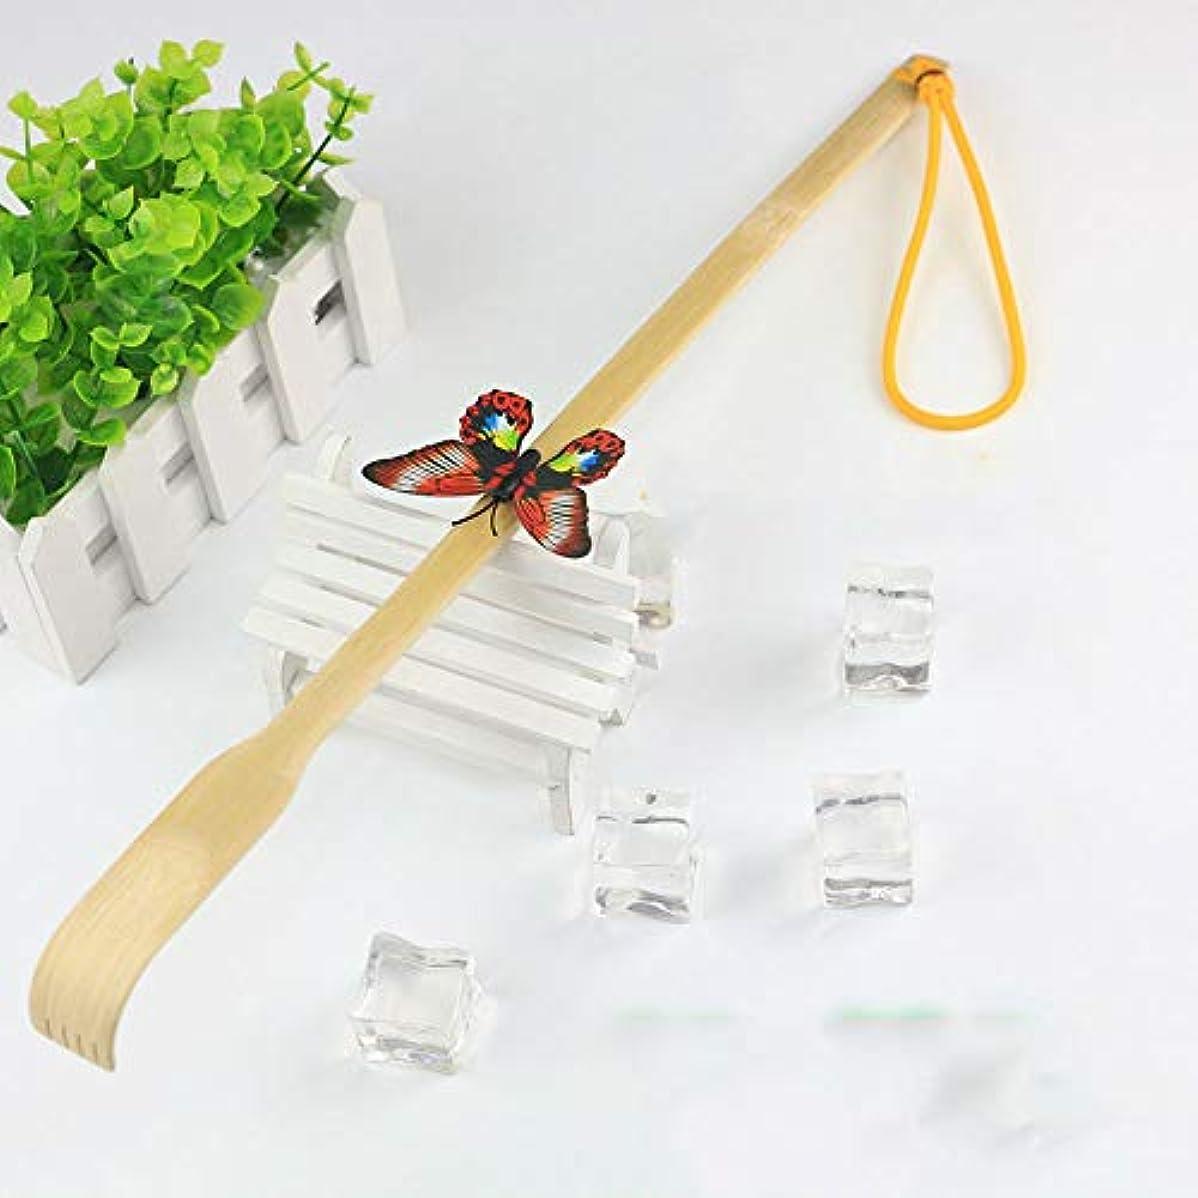 飼い慣らす黙認するフェローシップRuby背中掻きブラシ 木製 まごのて 敬老の日 プレゼント高人気 背中かゆみを止め マッサージ用